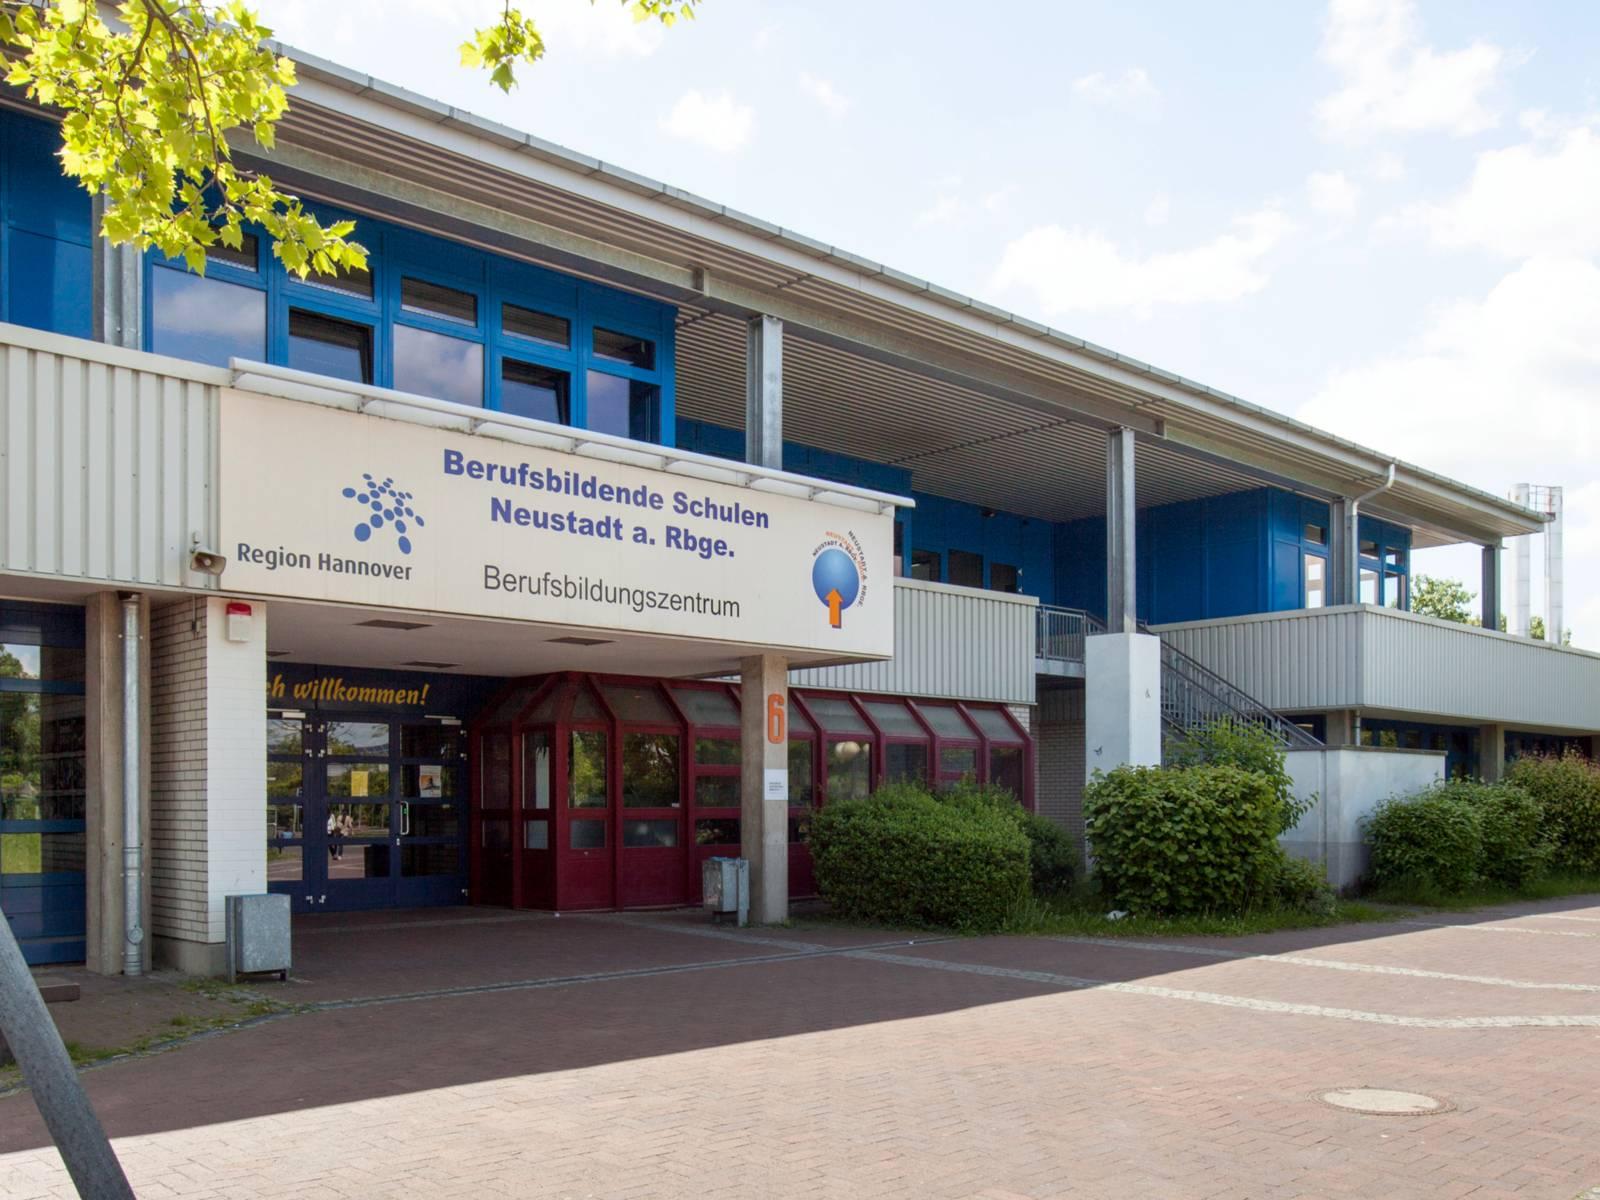 Blick auf das Berufsbildungs-Zentrum der Berufsbildenden Schule Neustadt am Rübenberge.